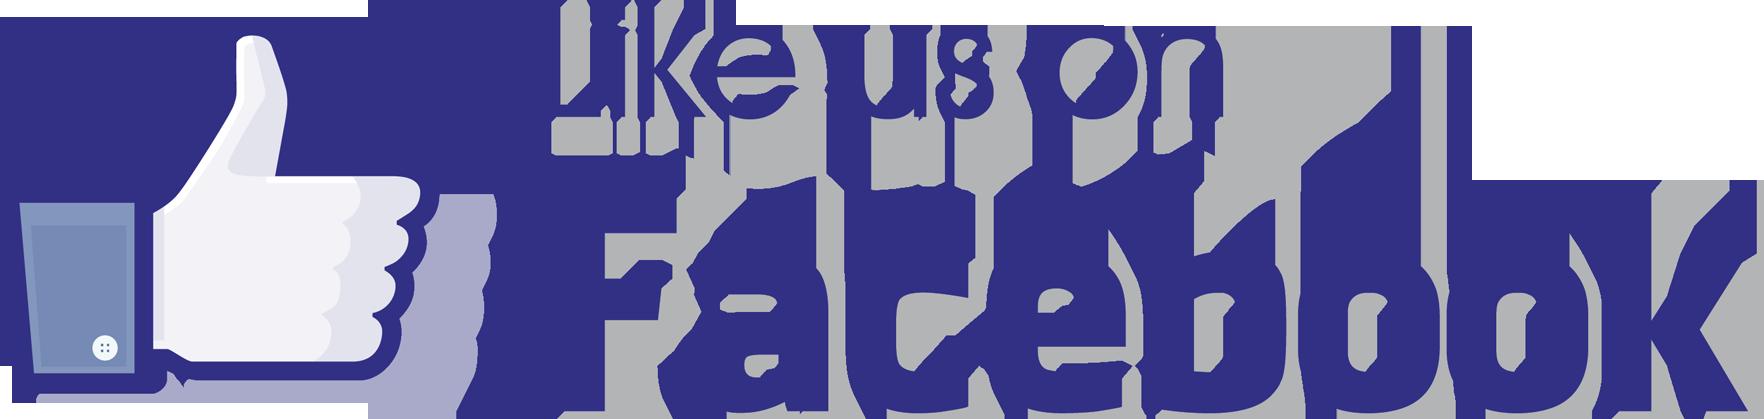 1764x419 Facebook Logo